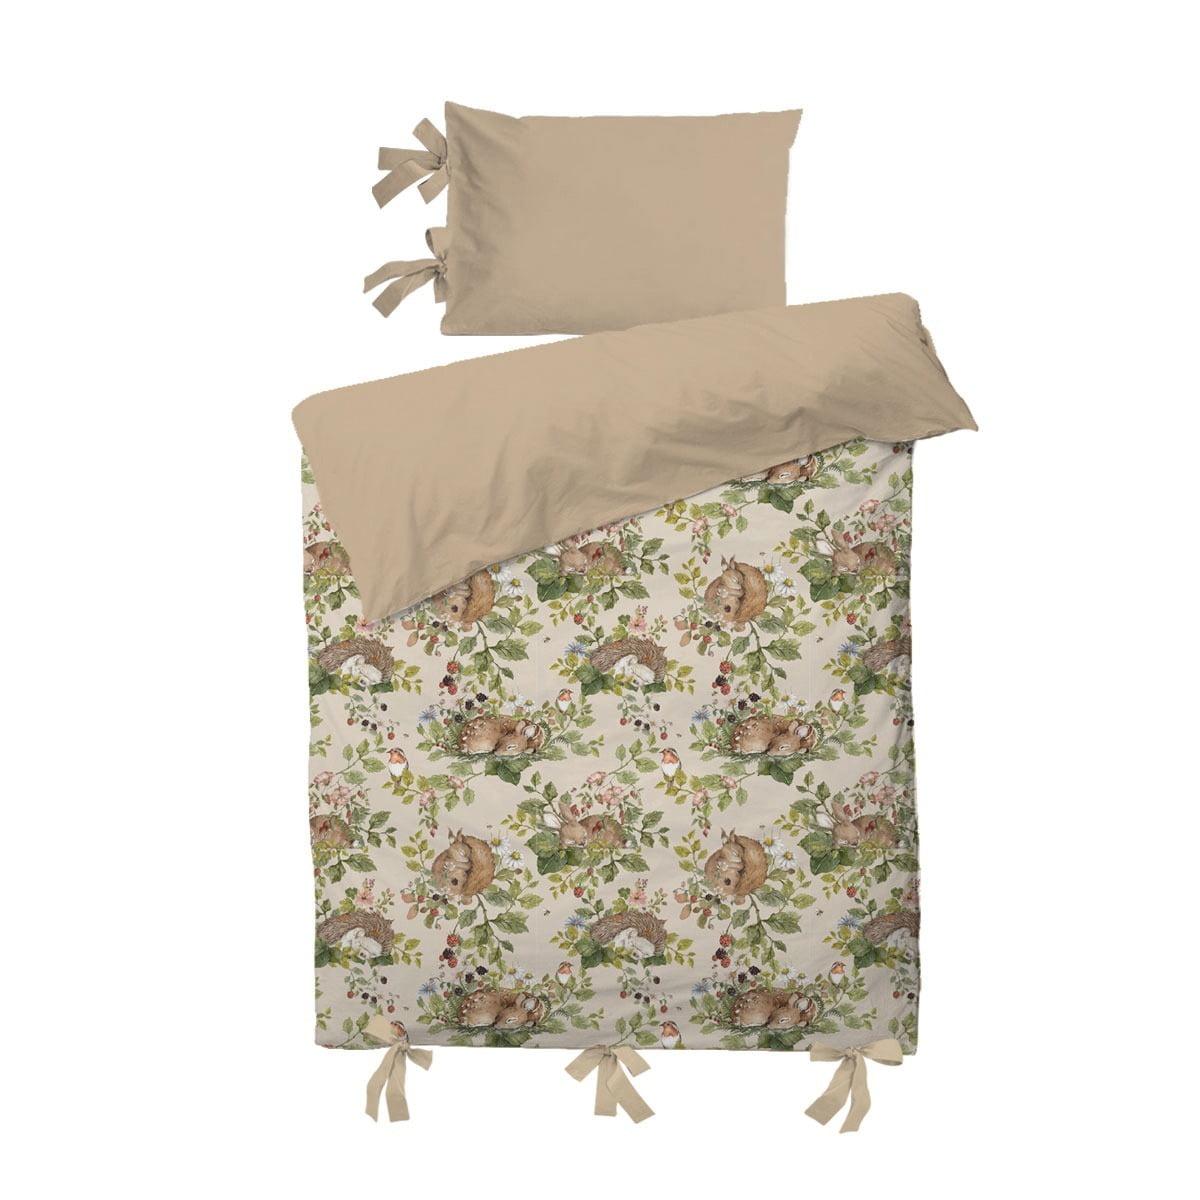 Dekornik-postelna-bielizen-ospale-zvieratka-1-dadaboom-sk